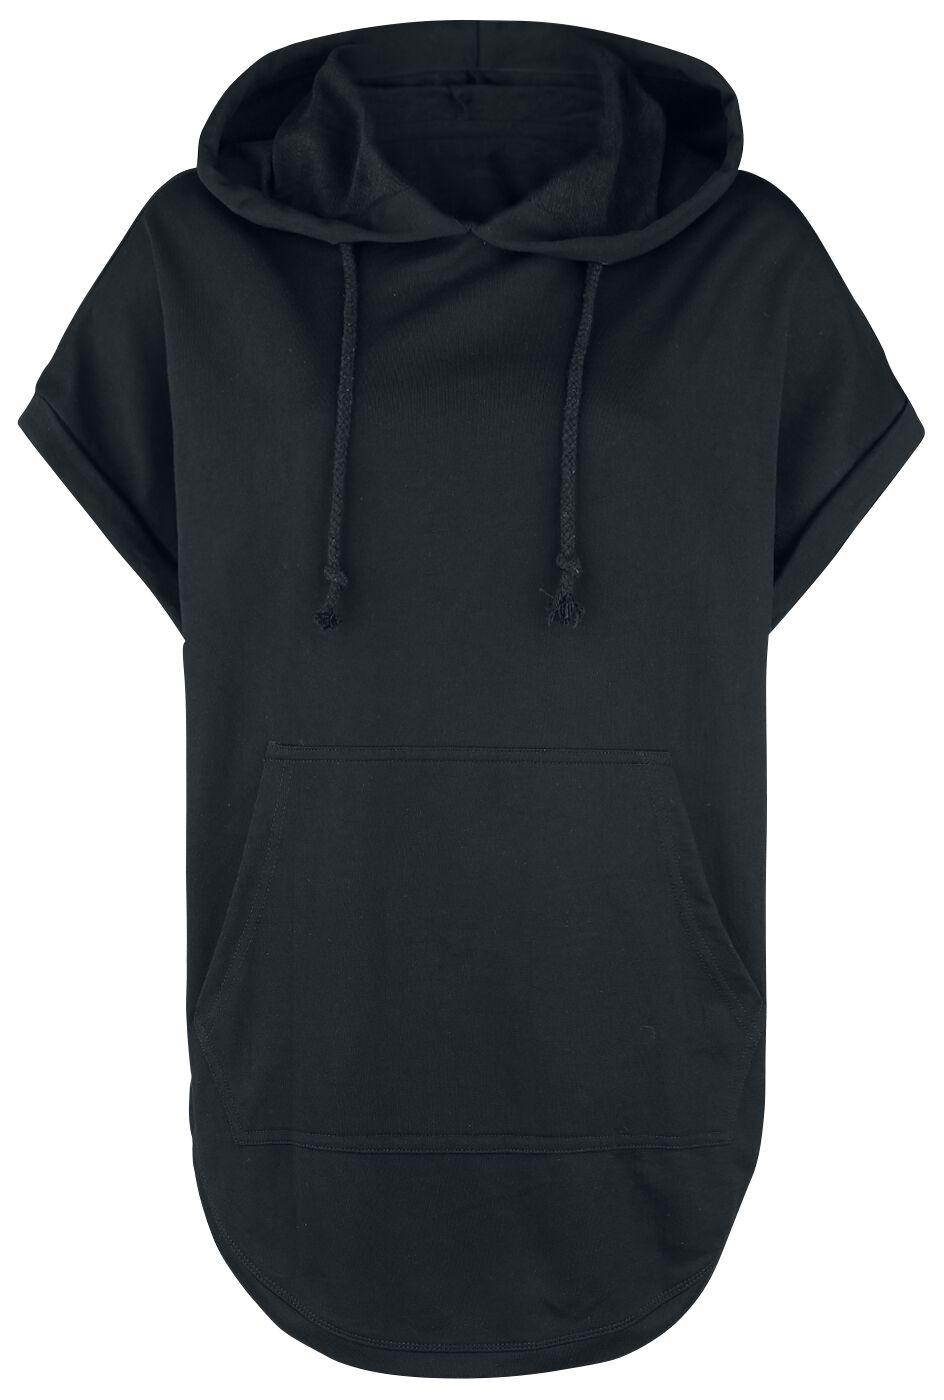 Image of   Forplay Oversize Kurzarm Kapuzenshirt Girlie trøje sort